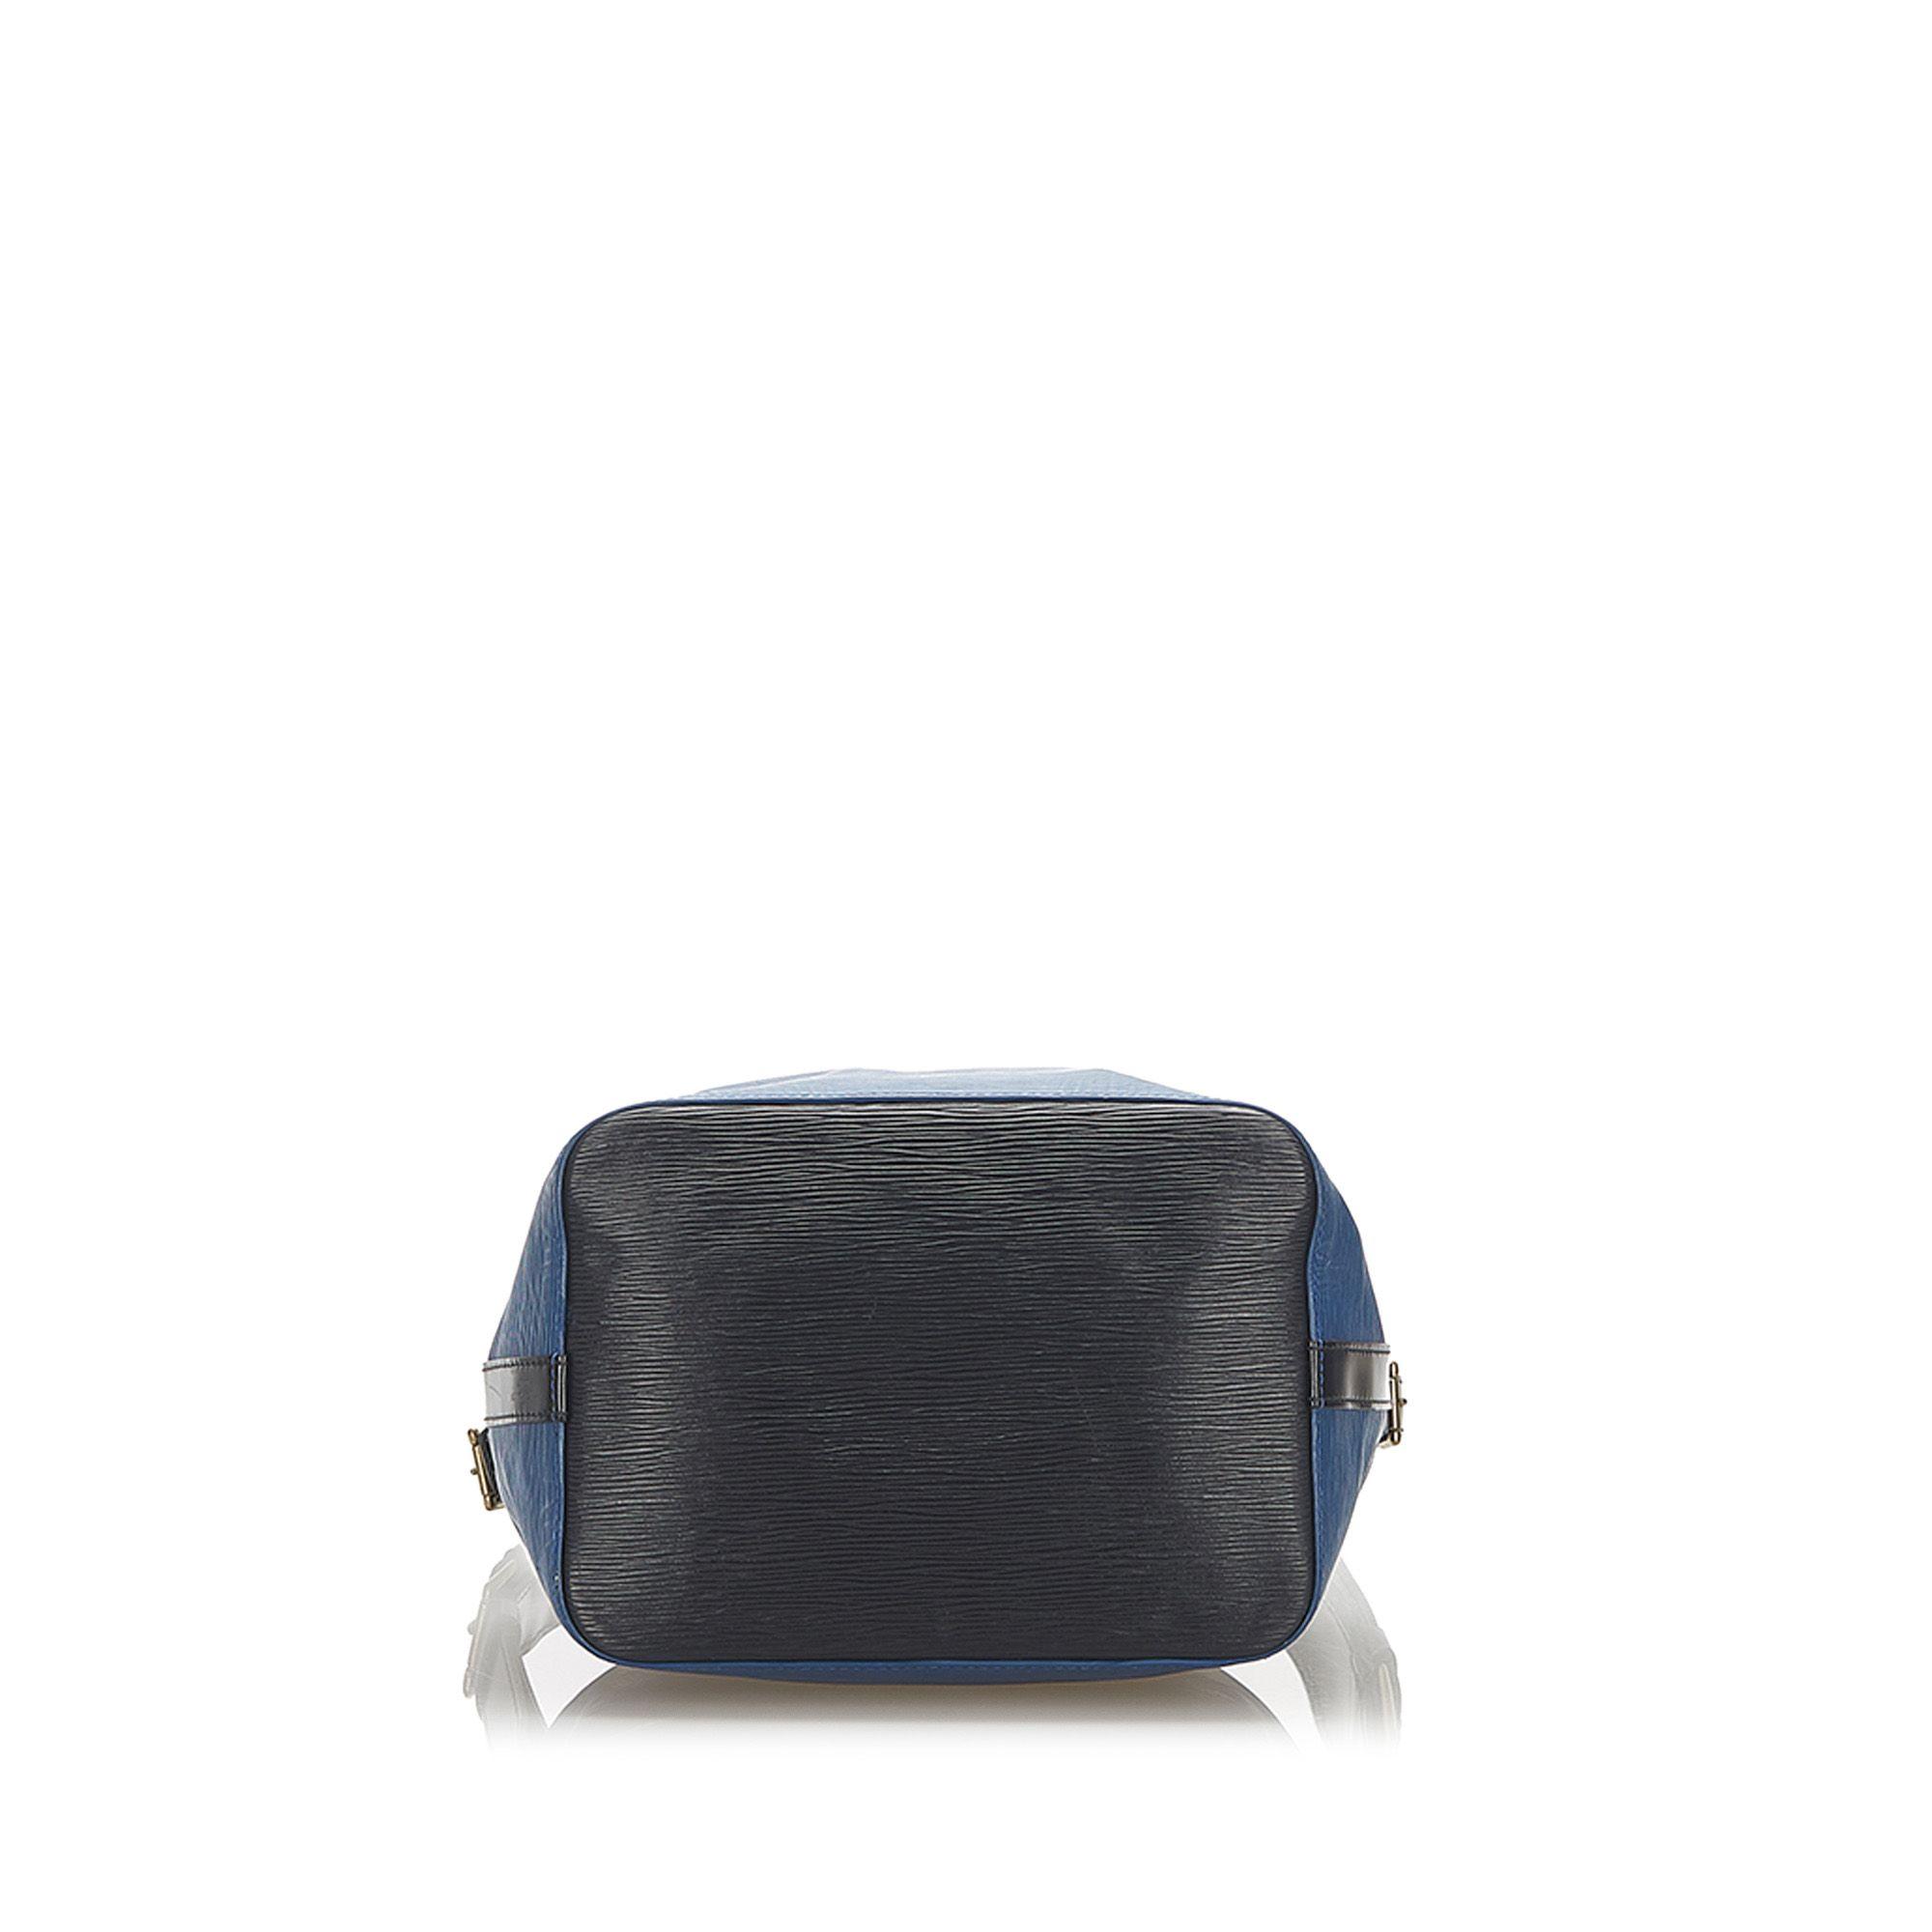 Vintage Louis Vuitton Epi Bicolor Noe Blue